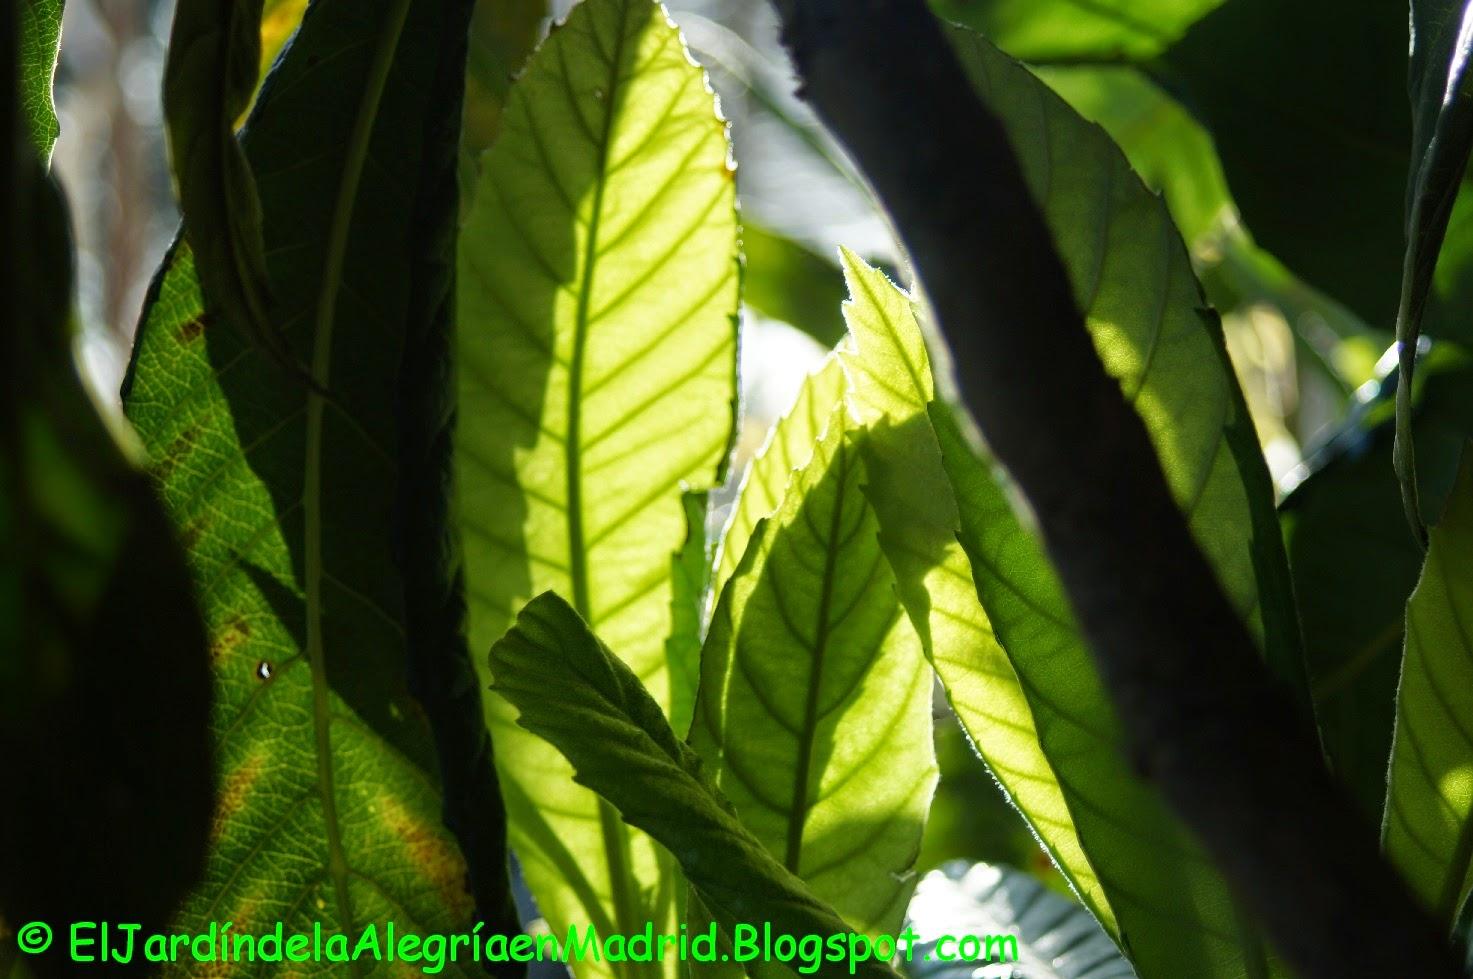 El jard n de la alegr a peque as cosas verdes for El jardin de la alegria cordoba